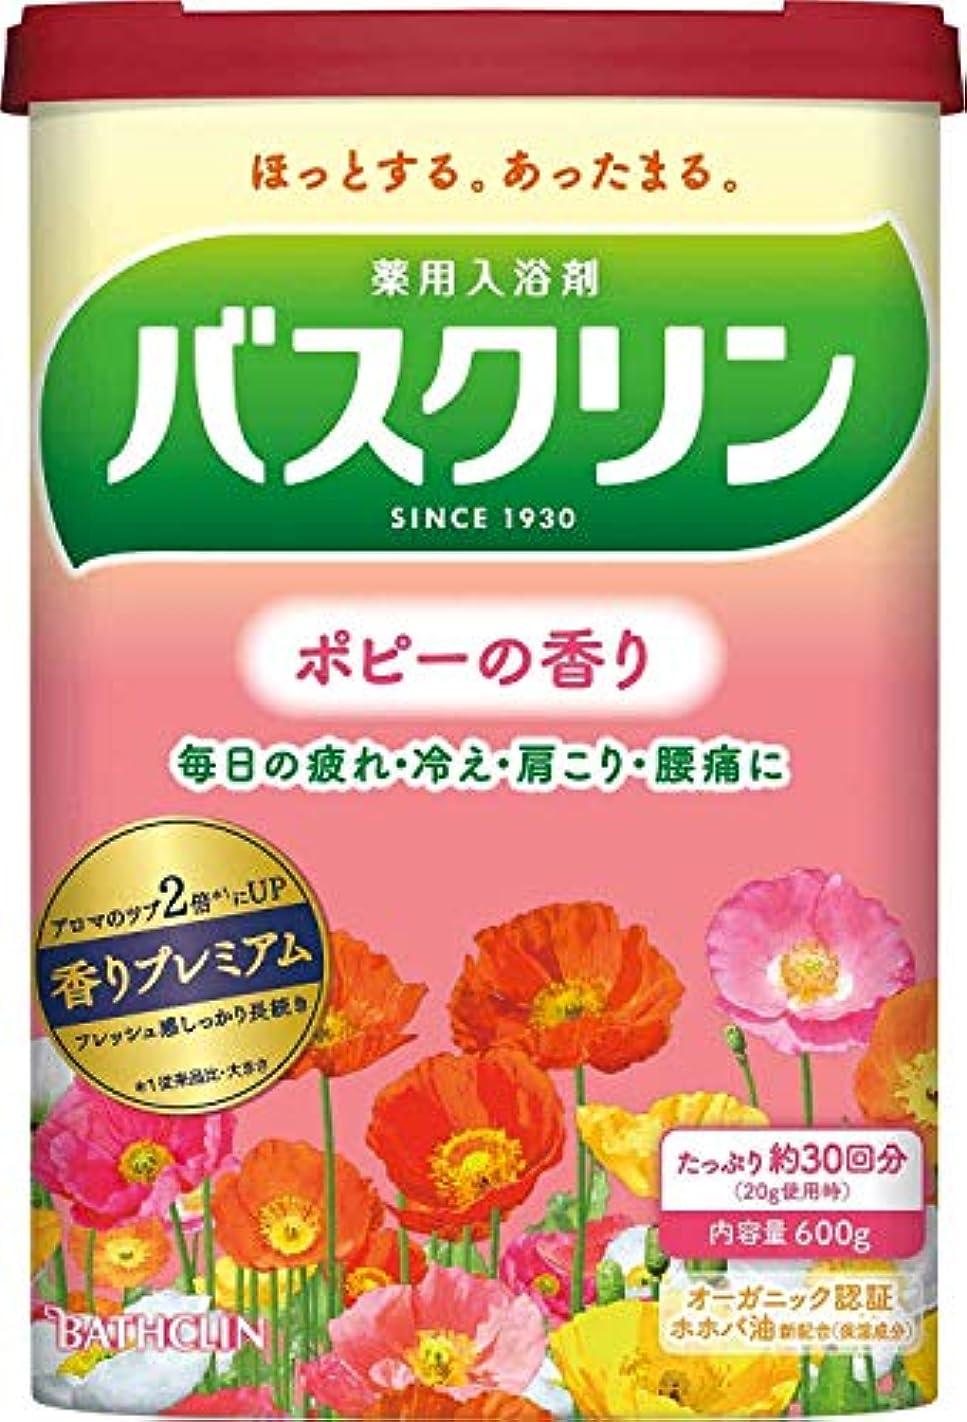 【医薬部外品】バスクリンポピーの香り600g入浴剤(約30回分)